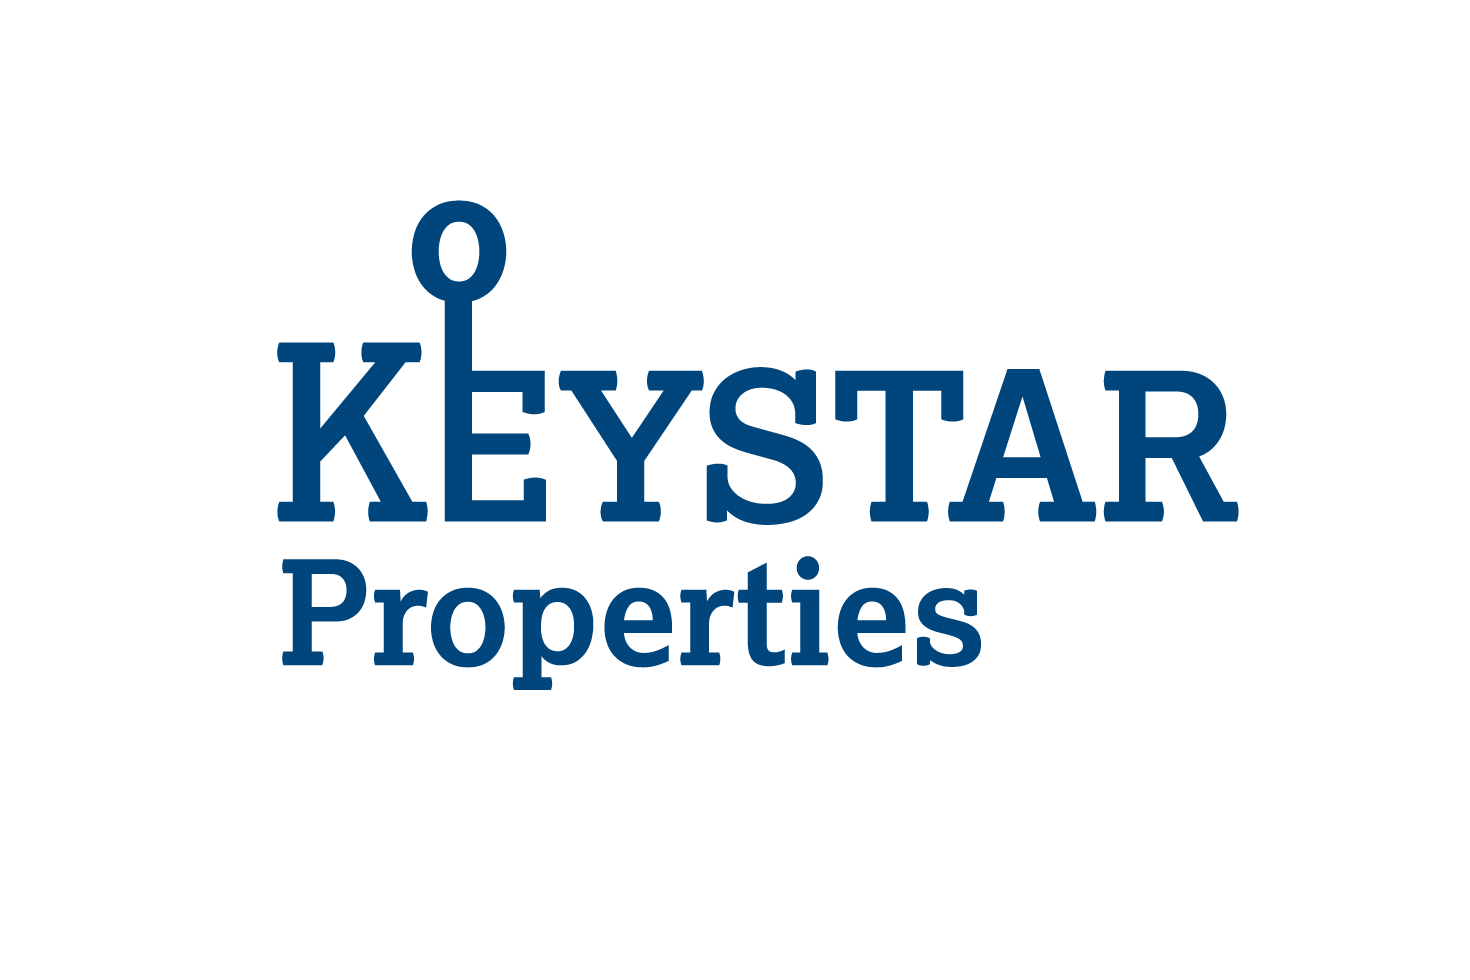 Keystar Properties logo